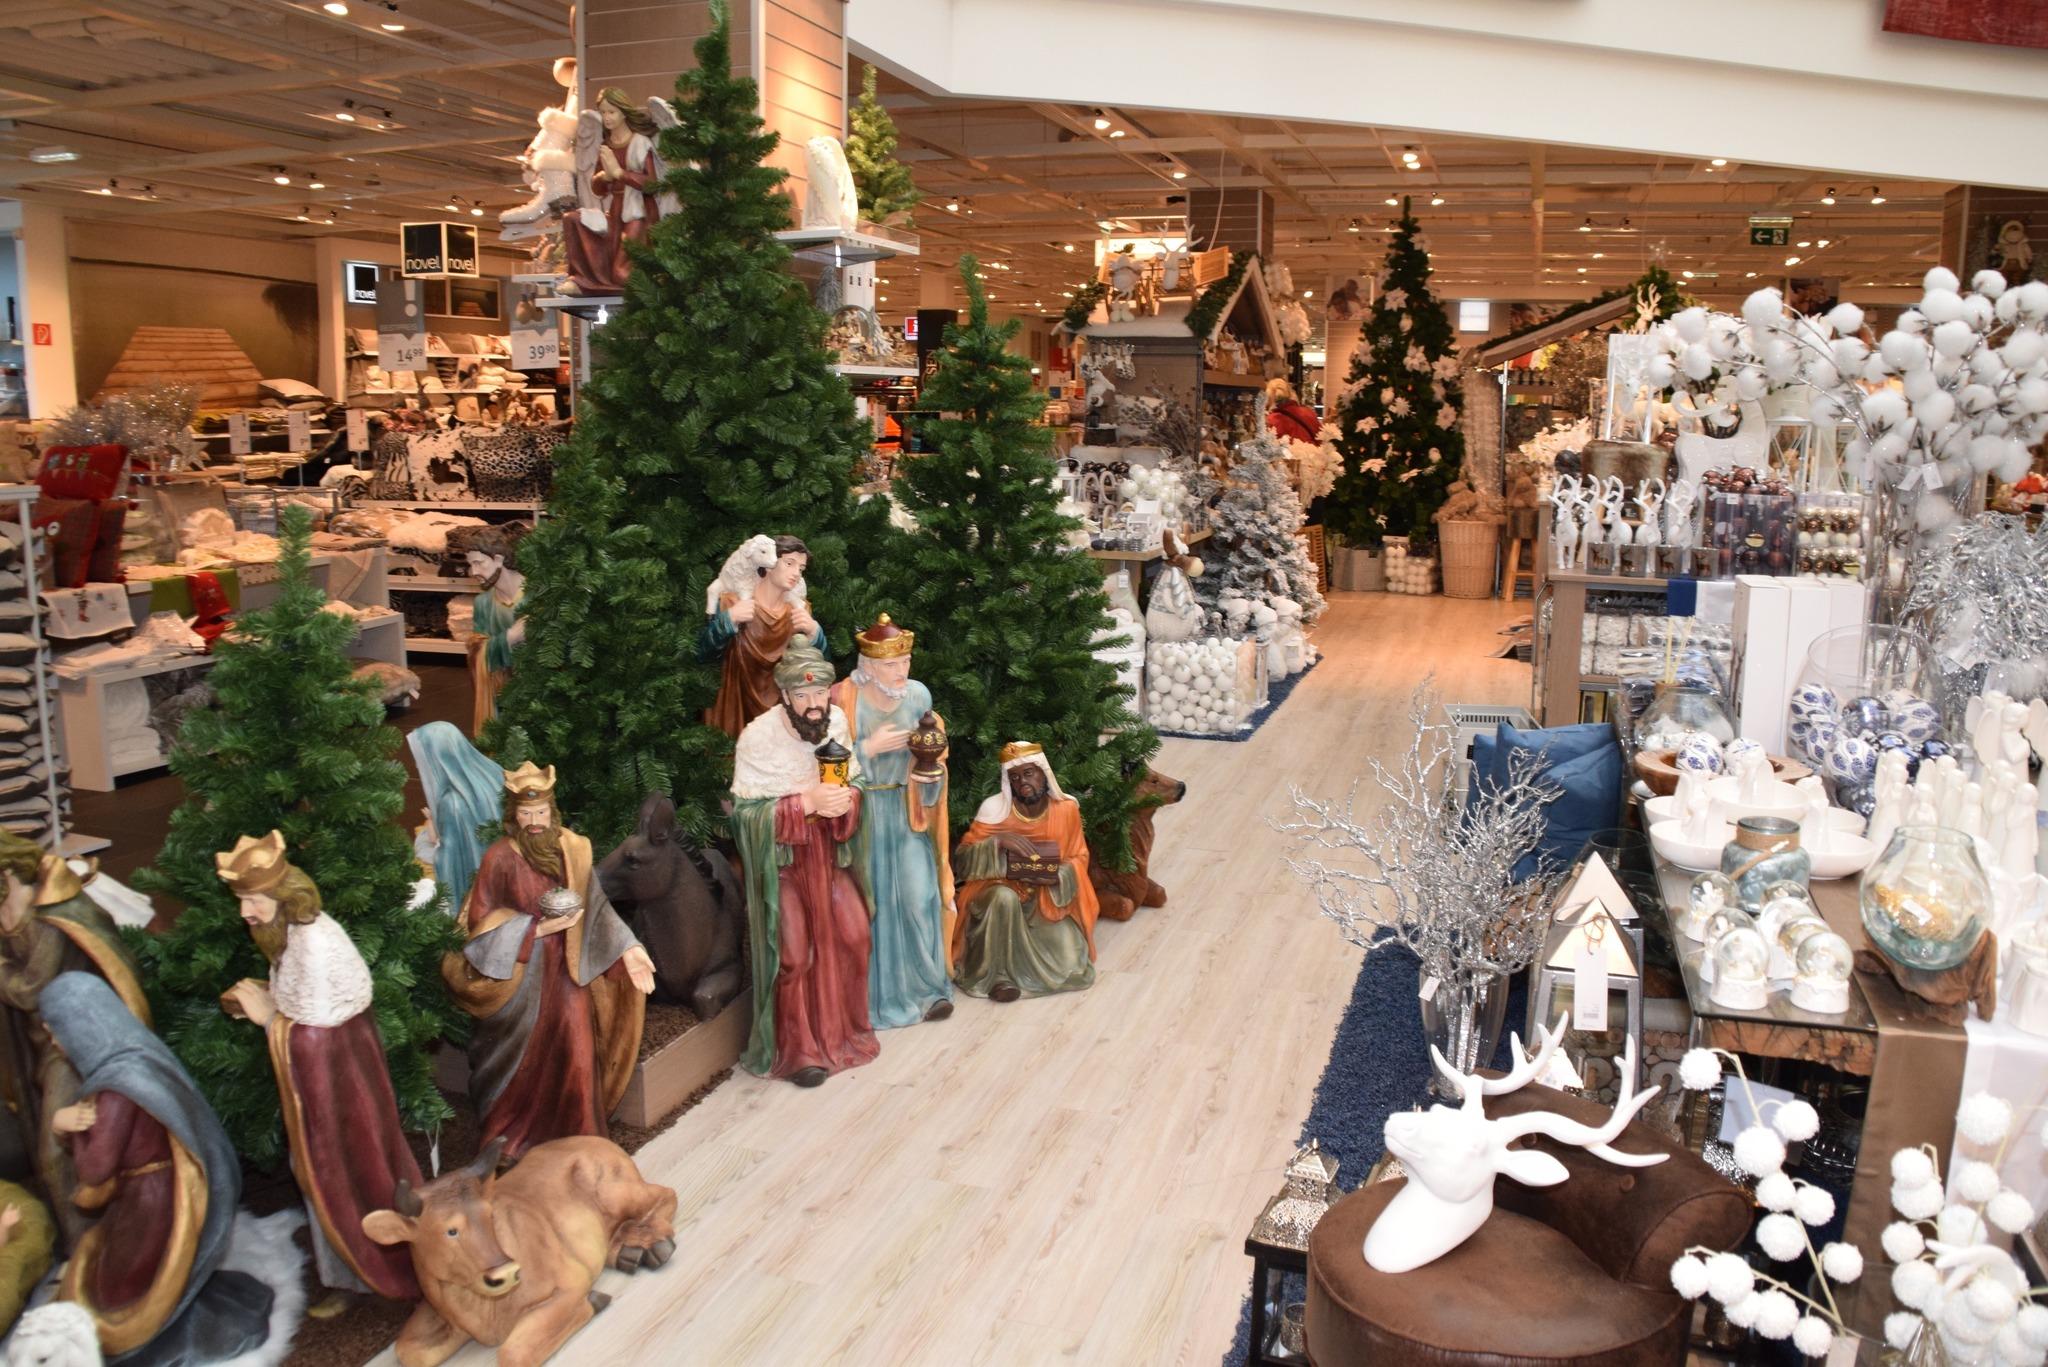 Weihnachtsmarkt Im Xxx Lutz In Unterwart Oberwart